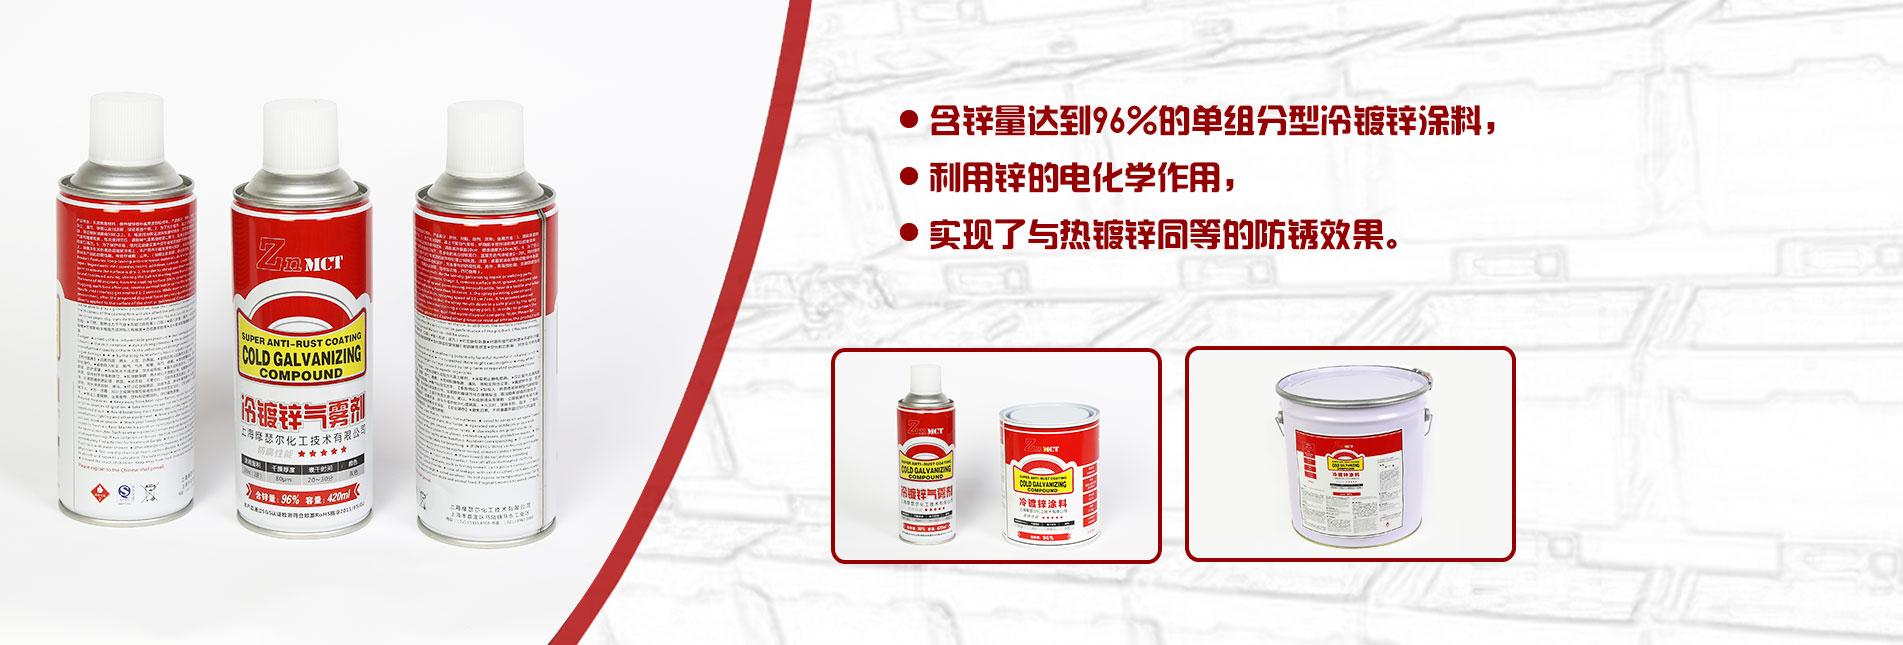 上海万博娱乐平台登录化工技术有限公司